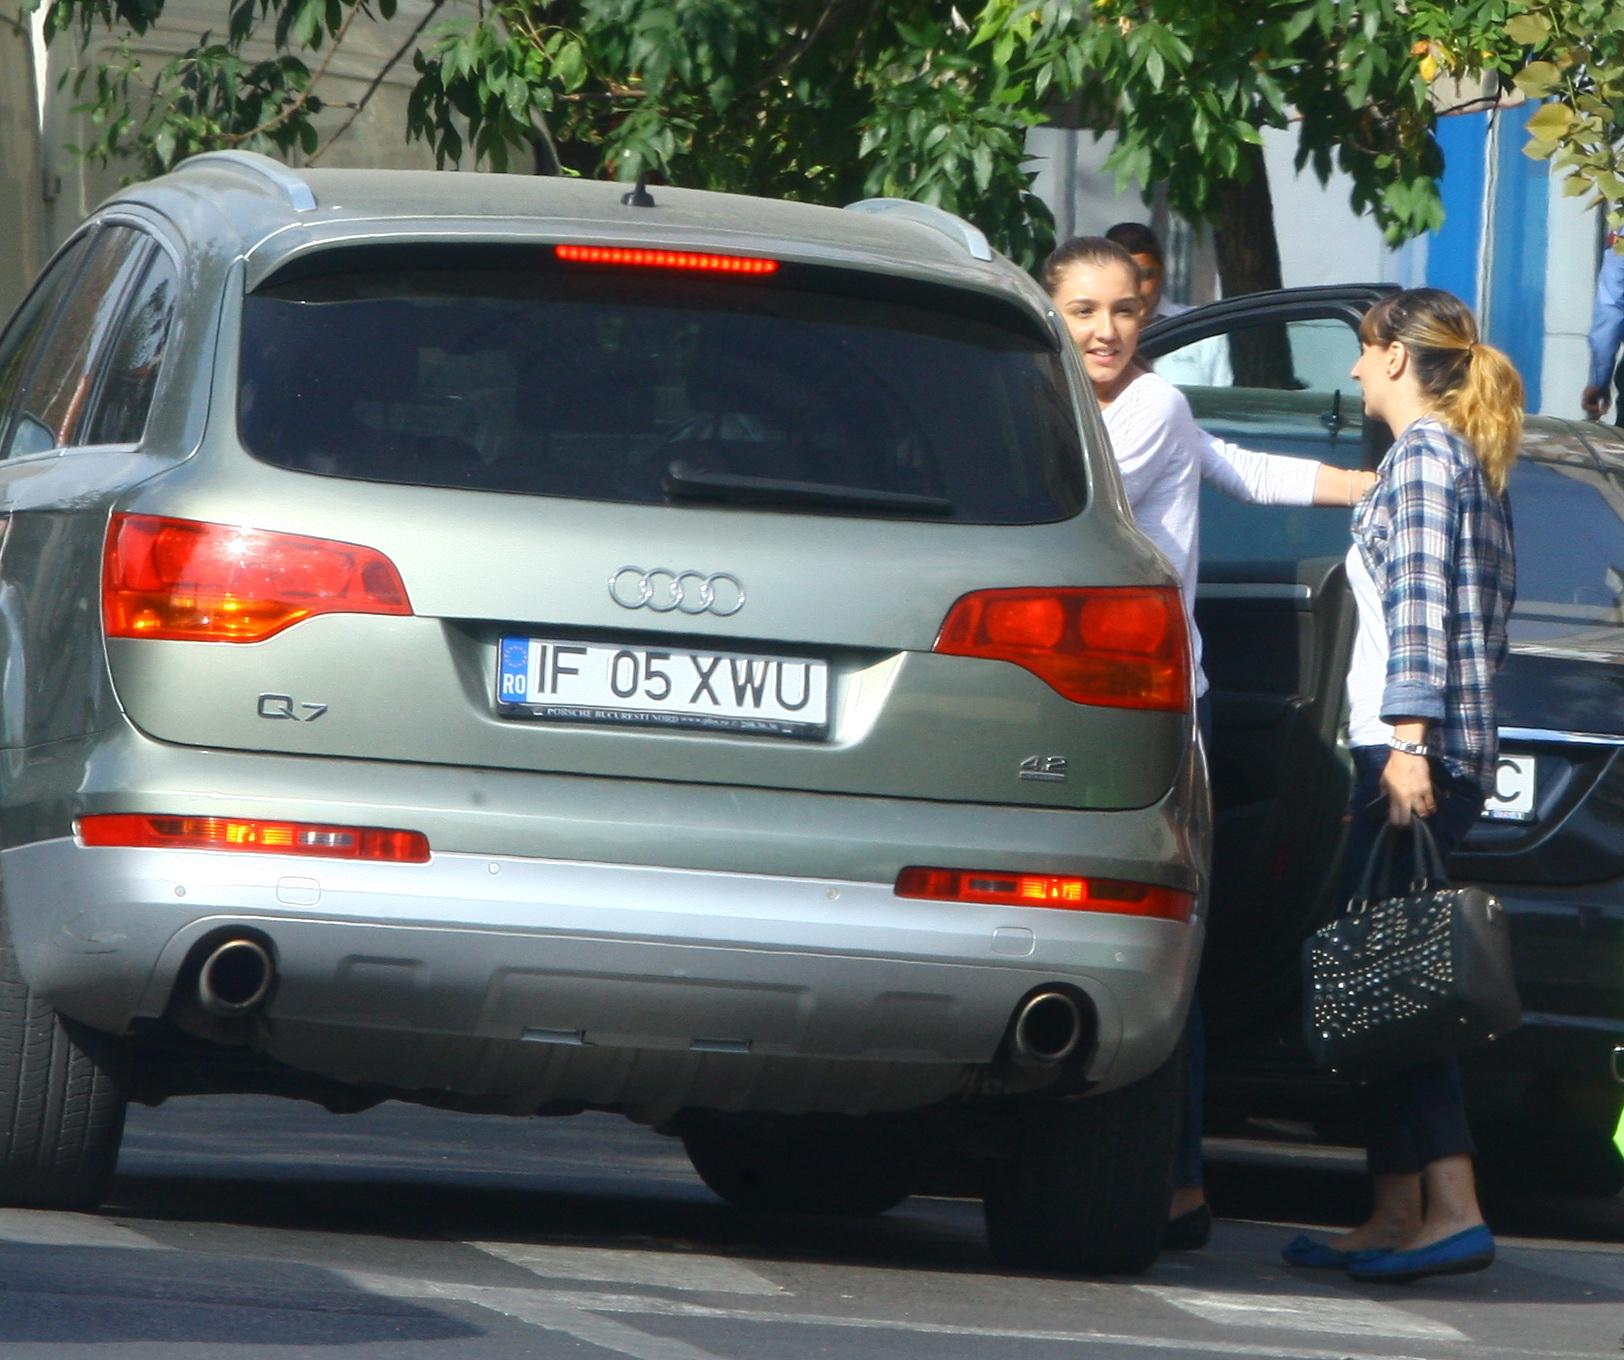 Fata lui Gigi Becali isi saluta prietena si se urca in masina